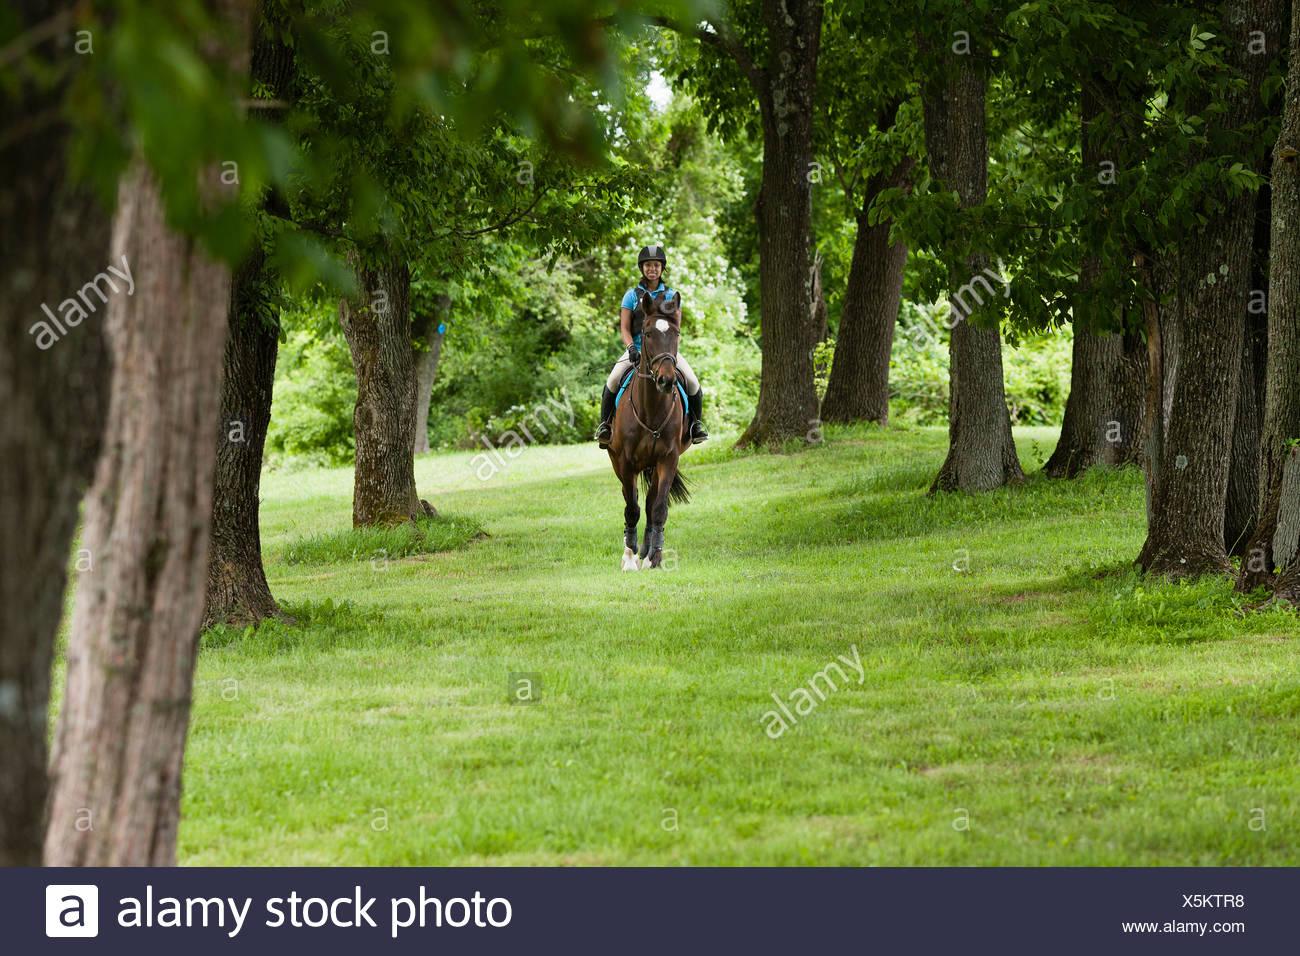 Junge Frau auf Pferd durch Wald Stockbild